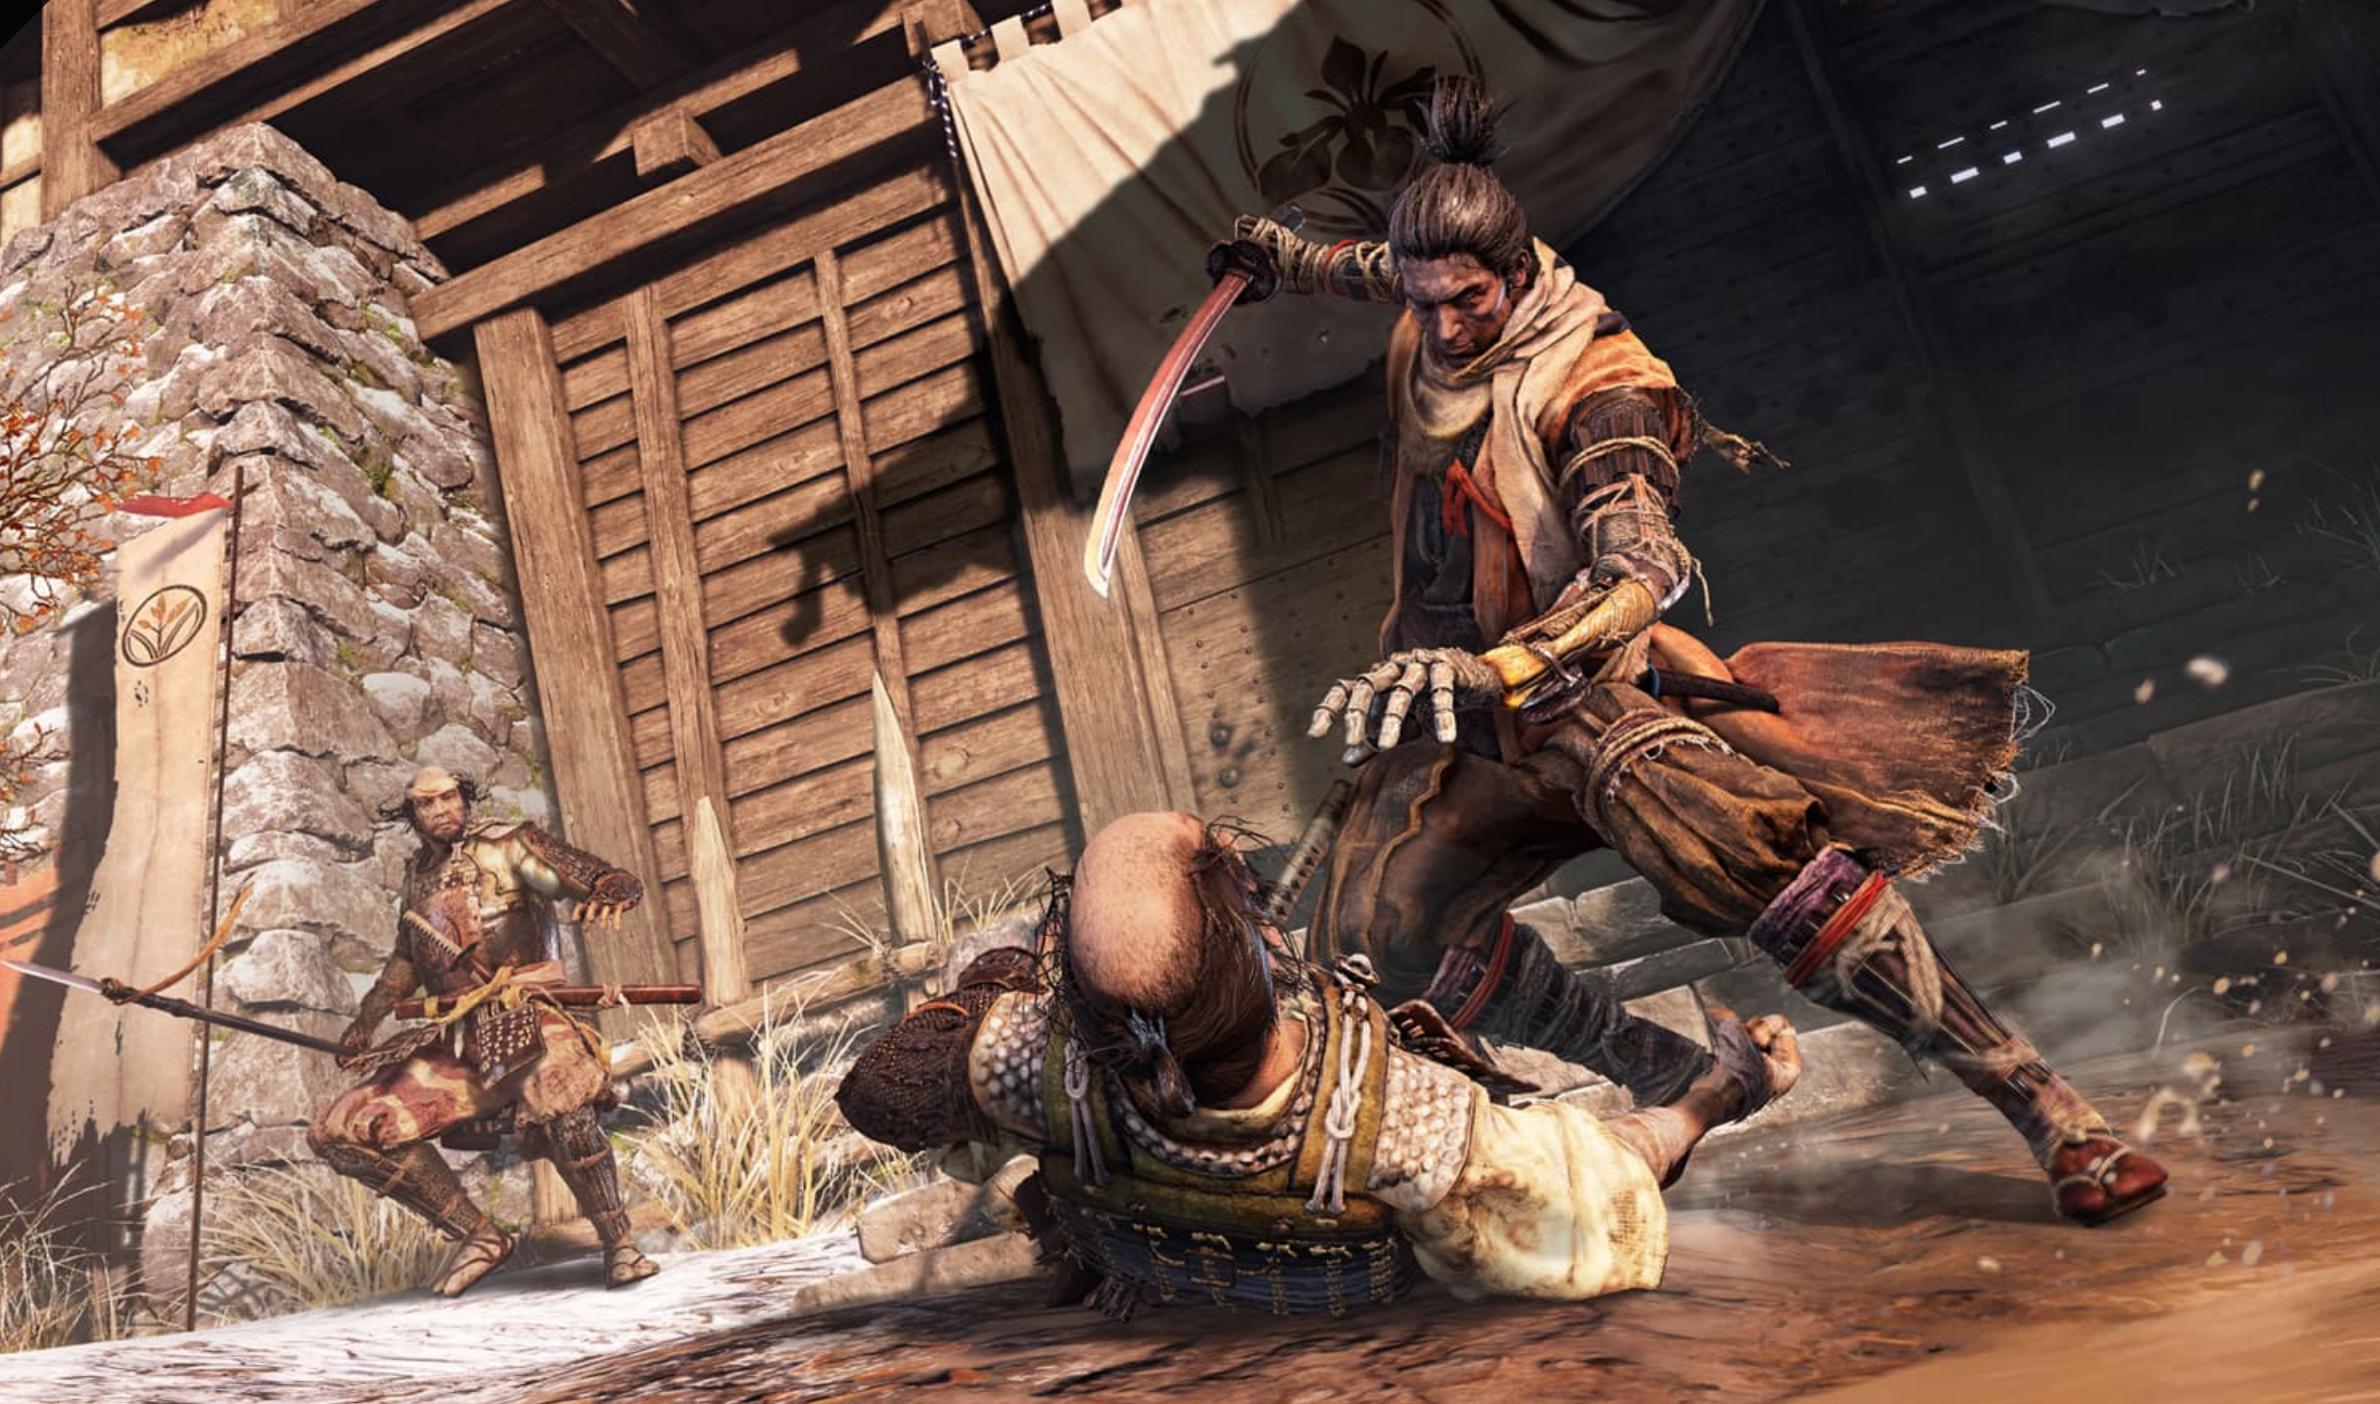 I boss saranno diversi dagli altri giochi della From in Sekiro: Shadow Die Twice